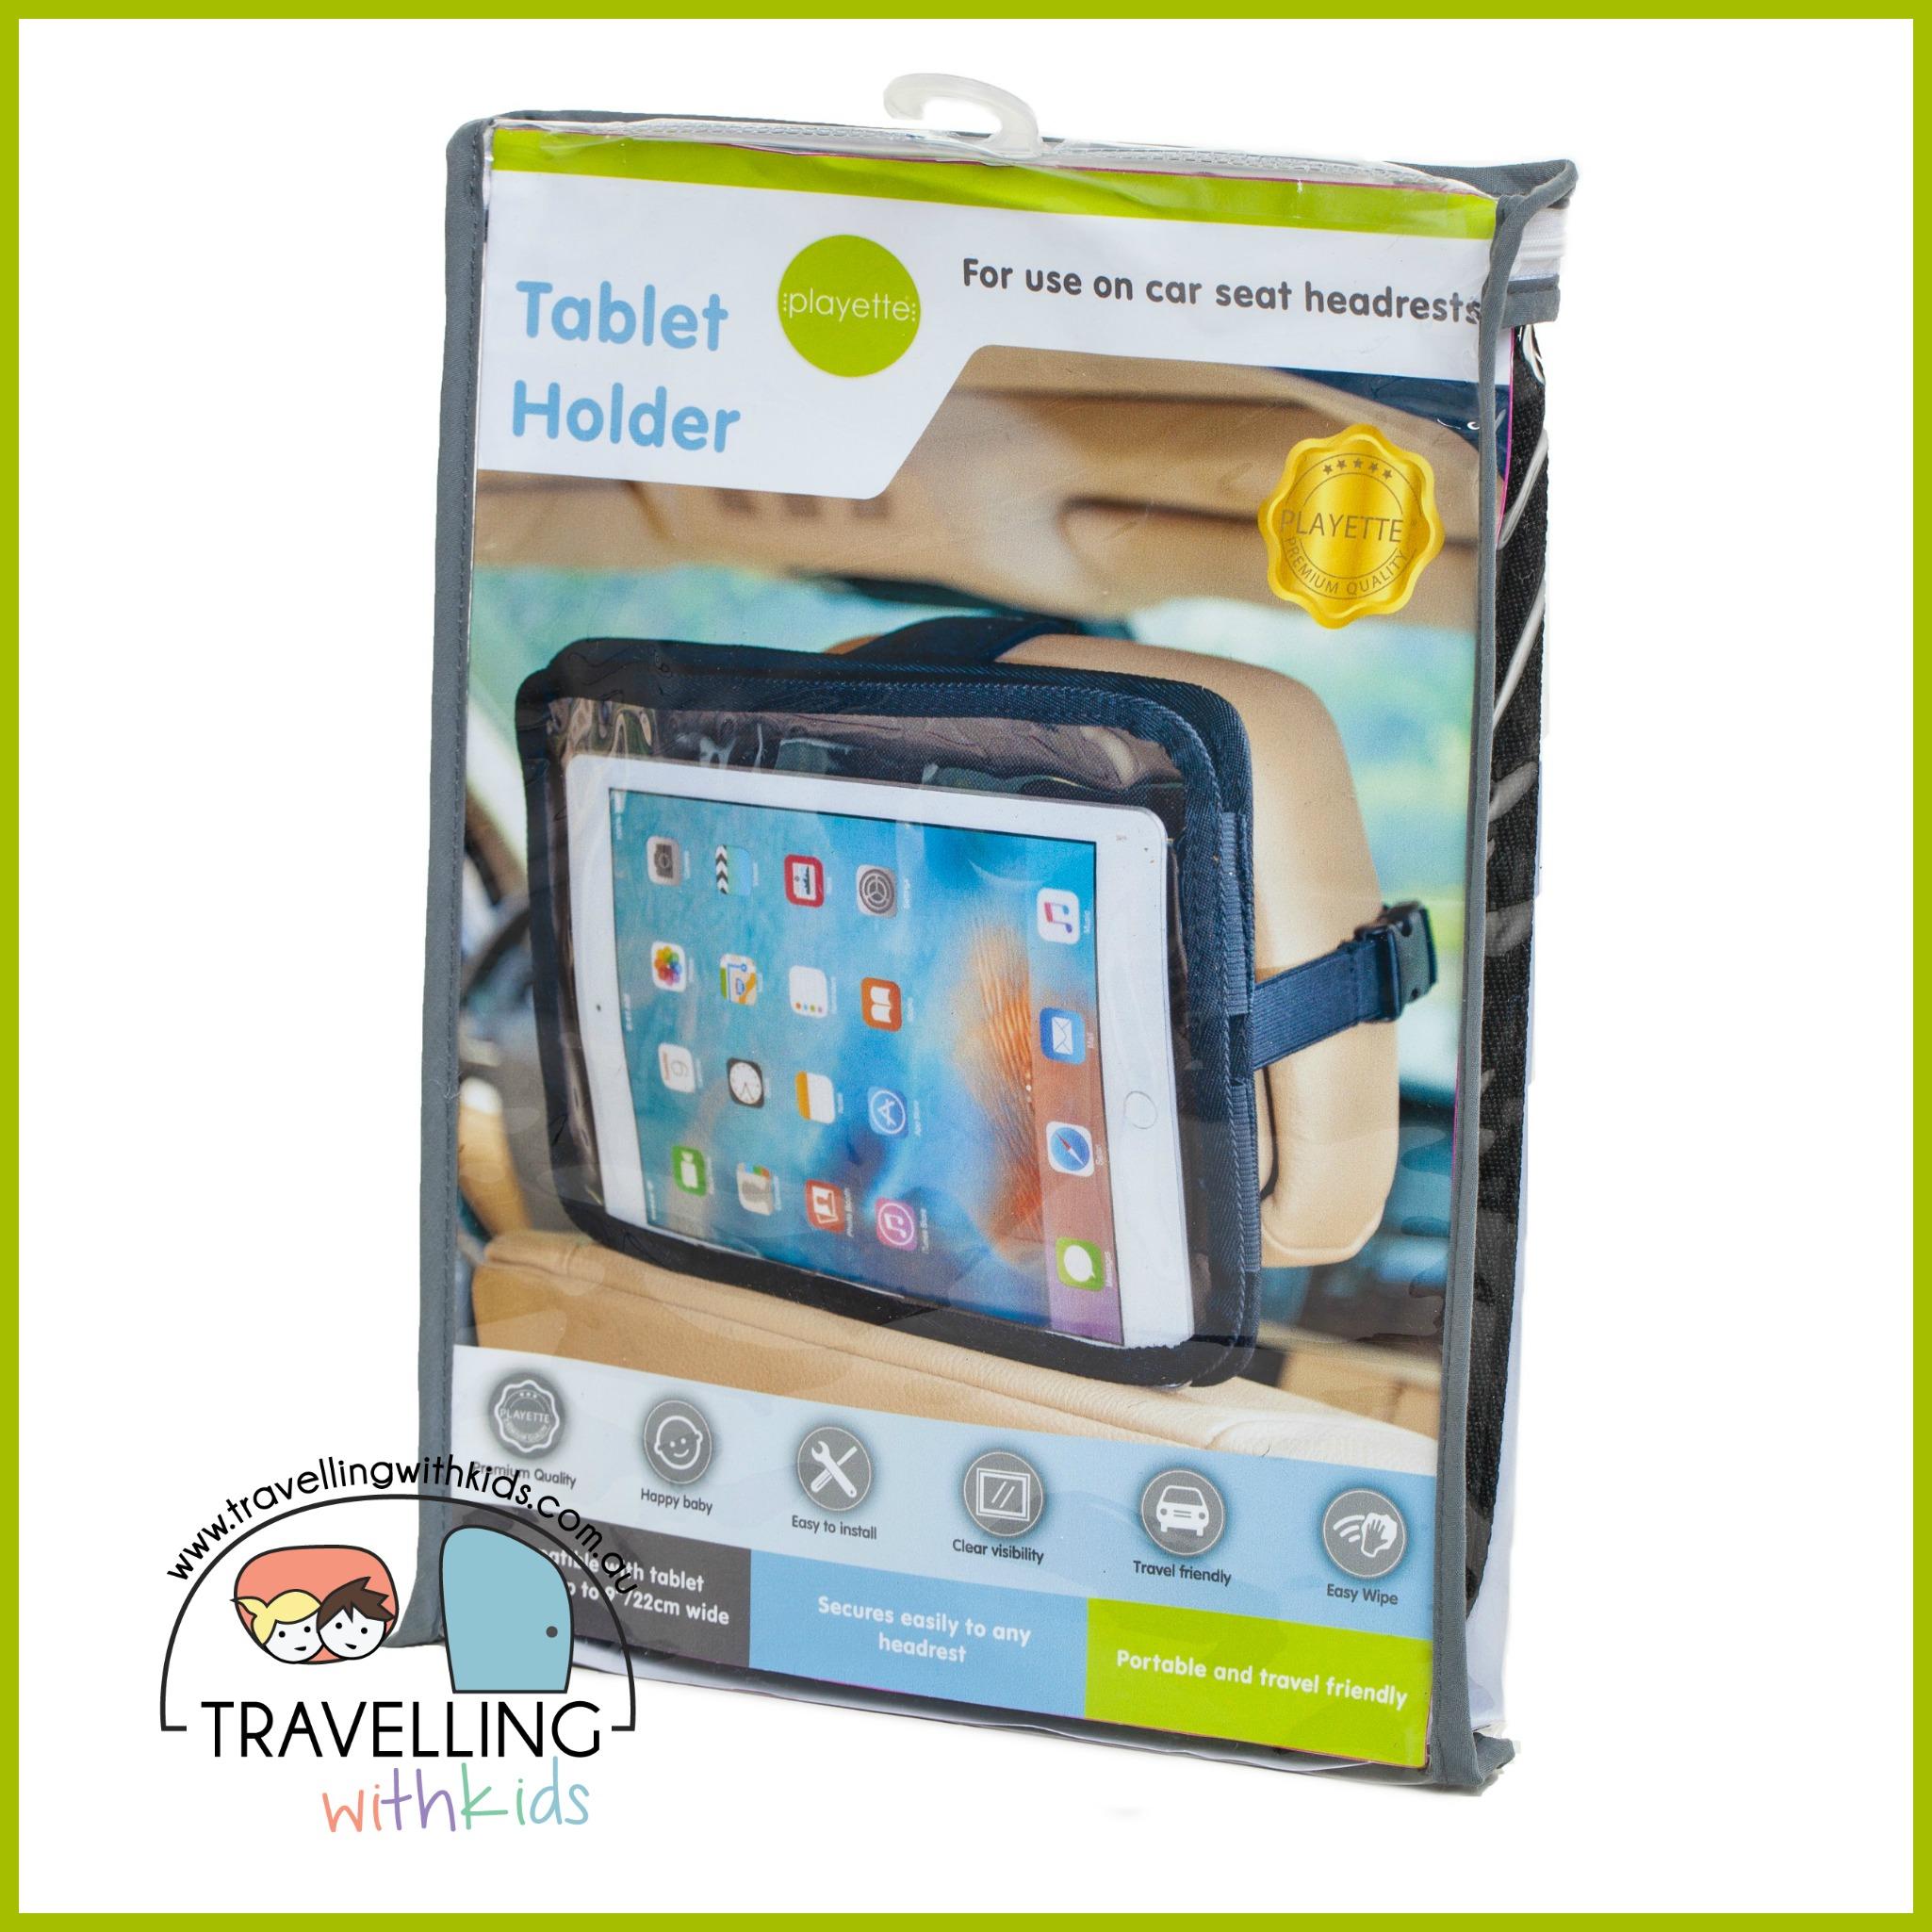 Big Toy Car Holder : Car tablet holder caravanning with kids